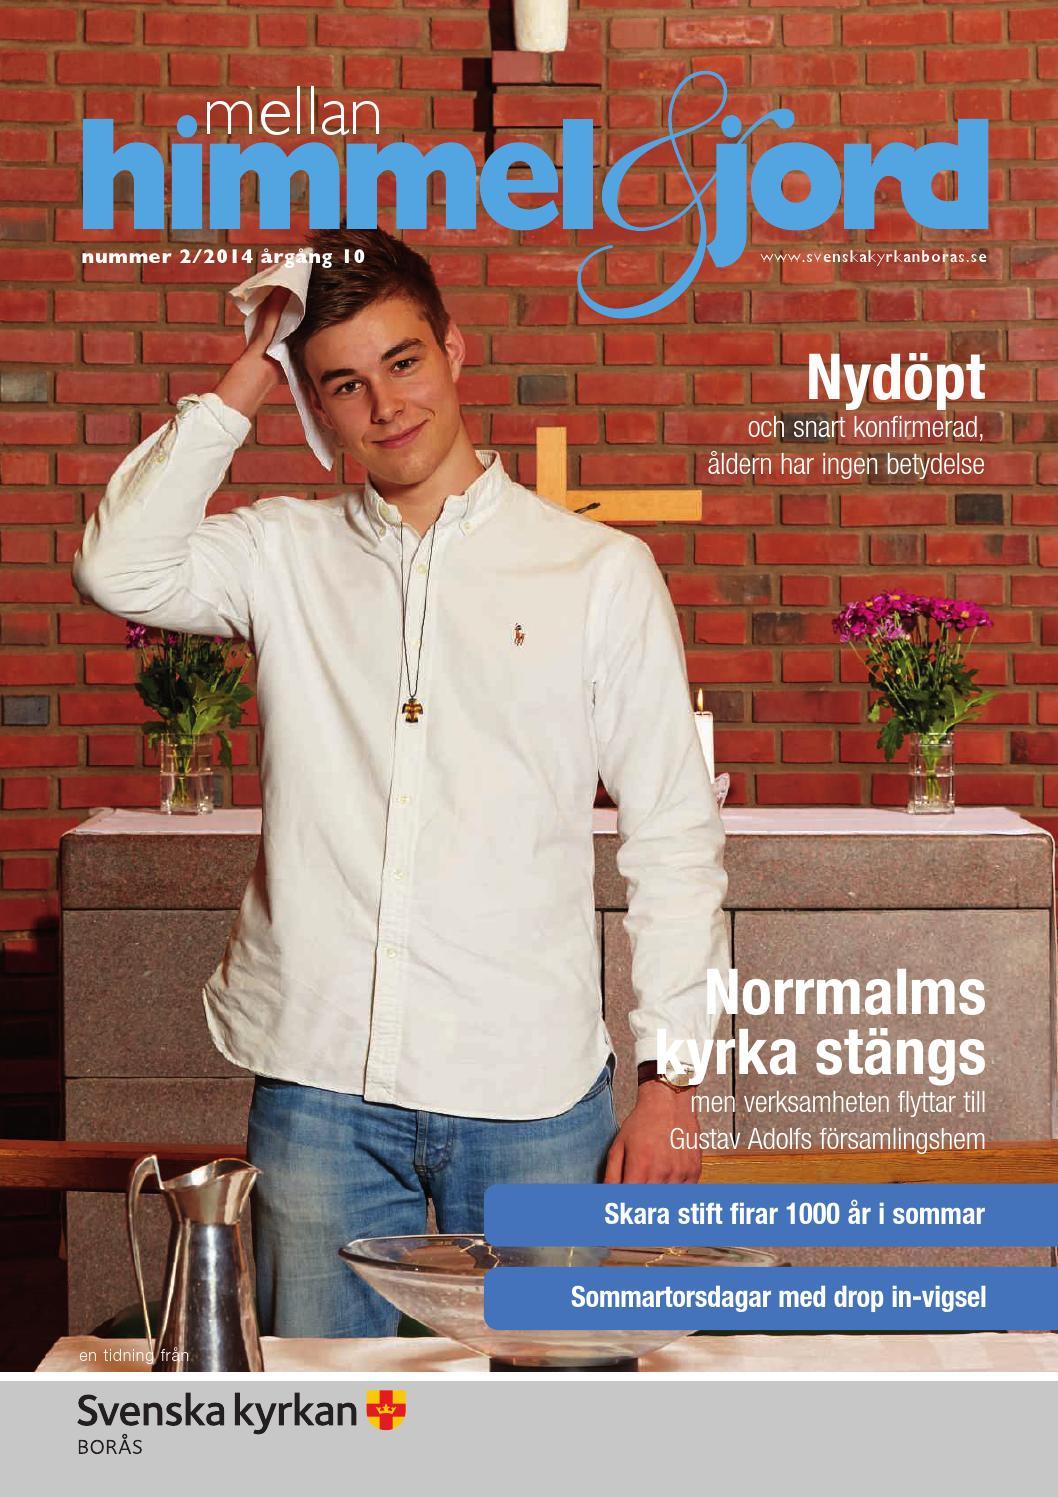 Therece Karlander, Getngsvgen 18, Bors | unam.net